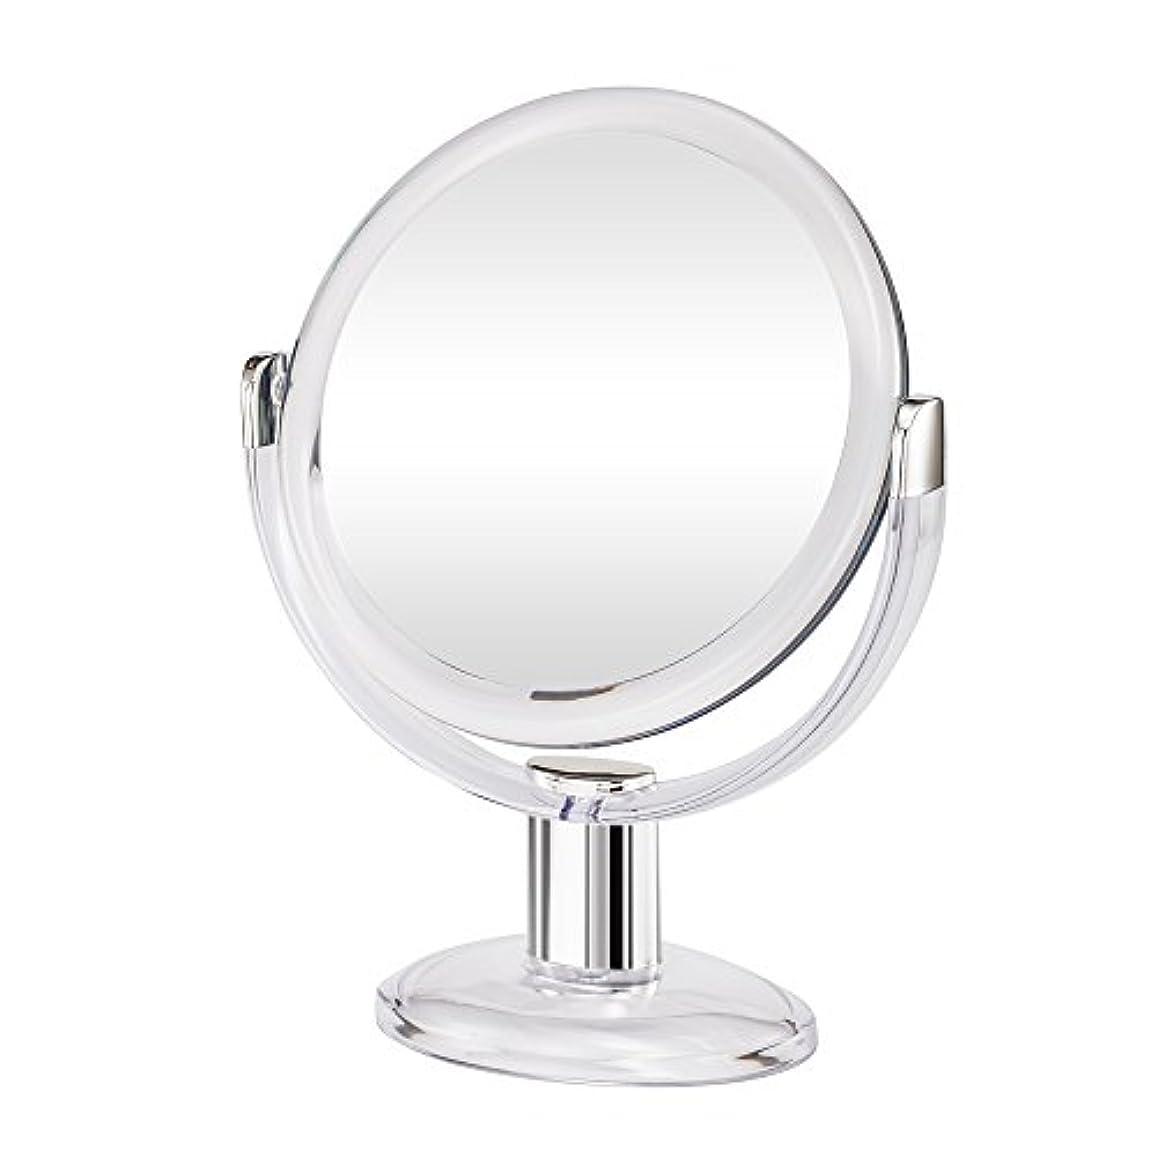 原油接ぎ木縮約Gotofine両面拡大鏡、360度回転1倍と10倍倍率 - クリアと透明